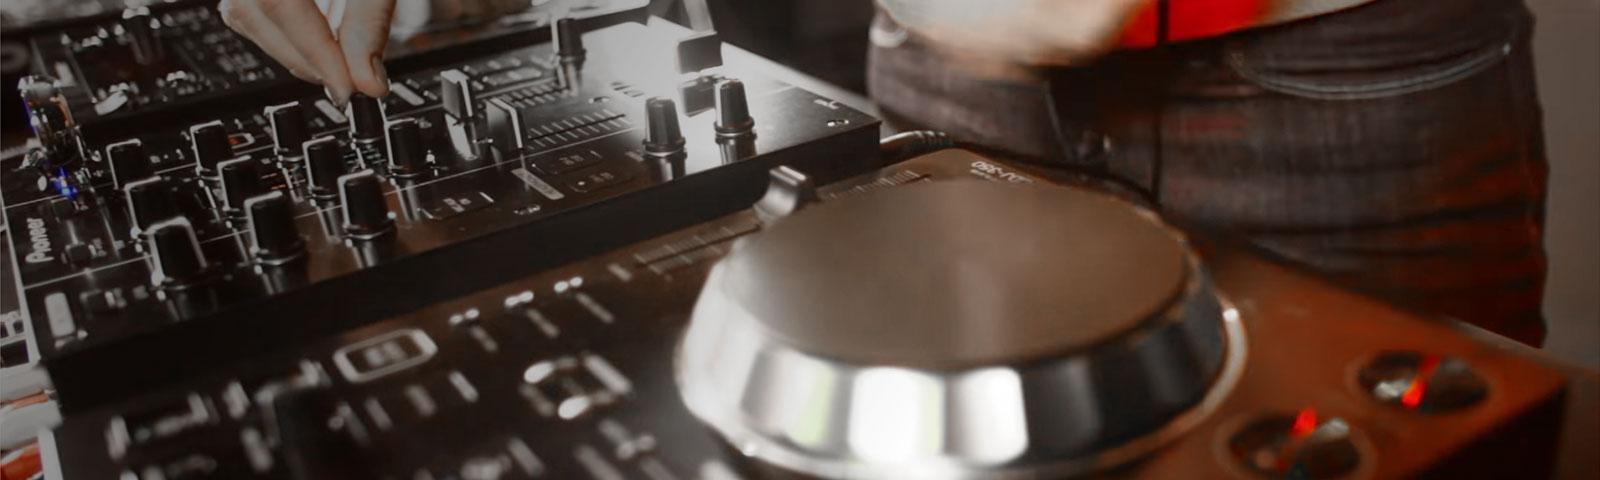 CDJ-350 - DJM-350 header